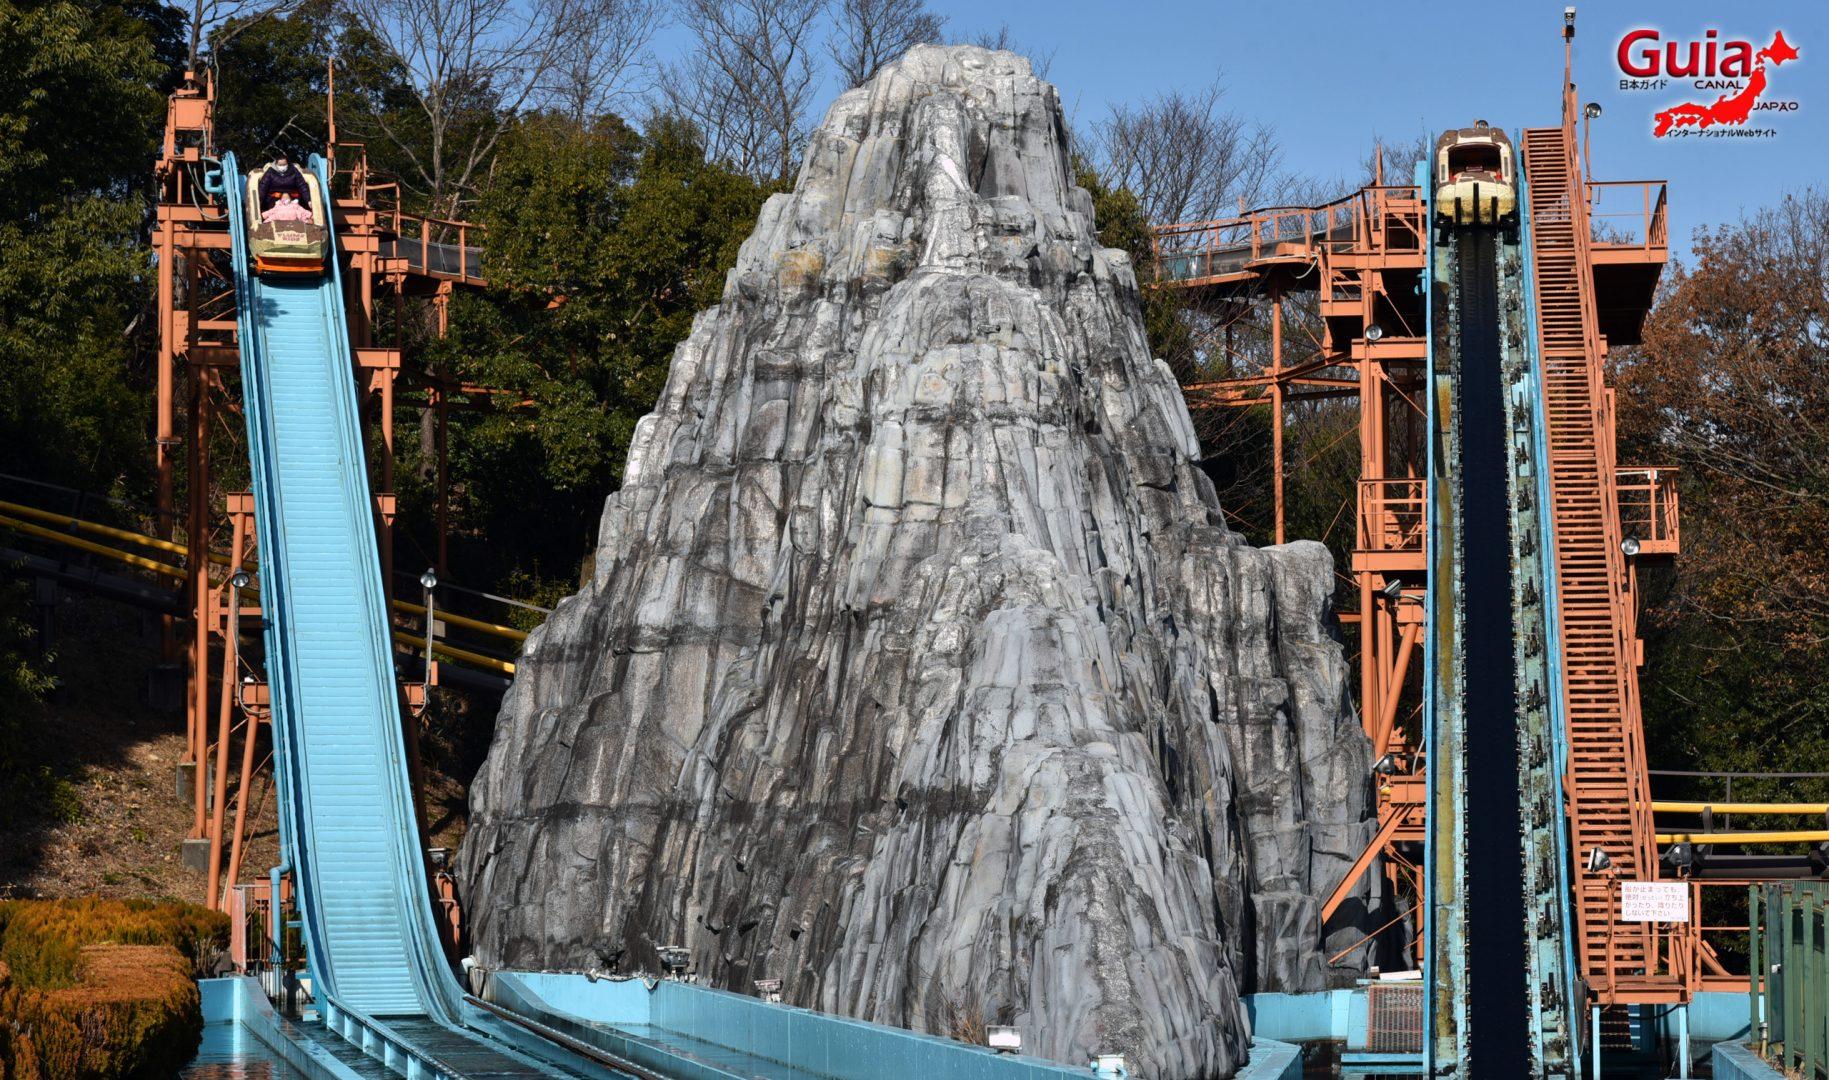 Parco dei divertimenti - Japan Monkey Park 9